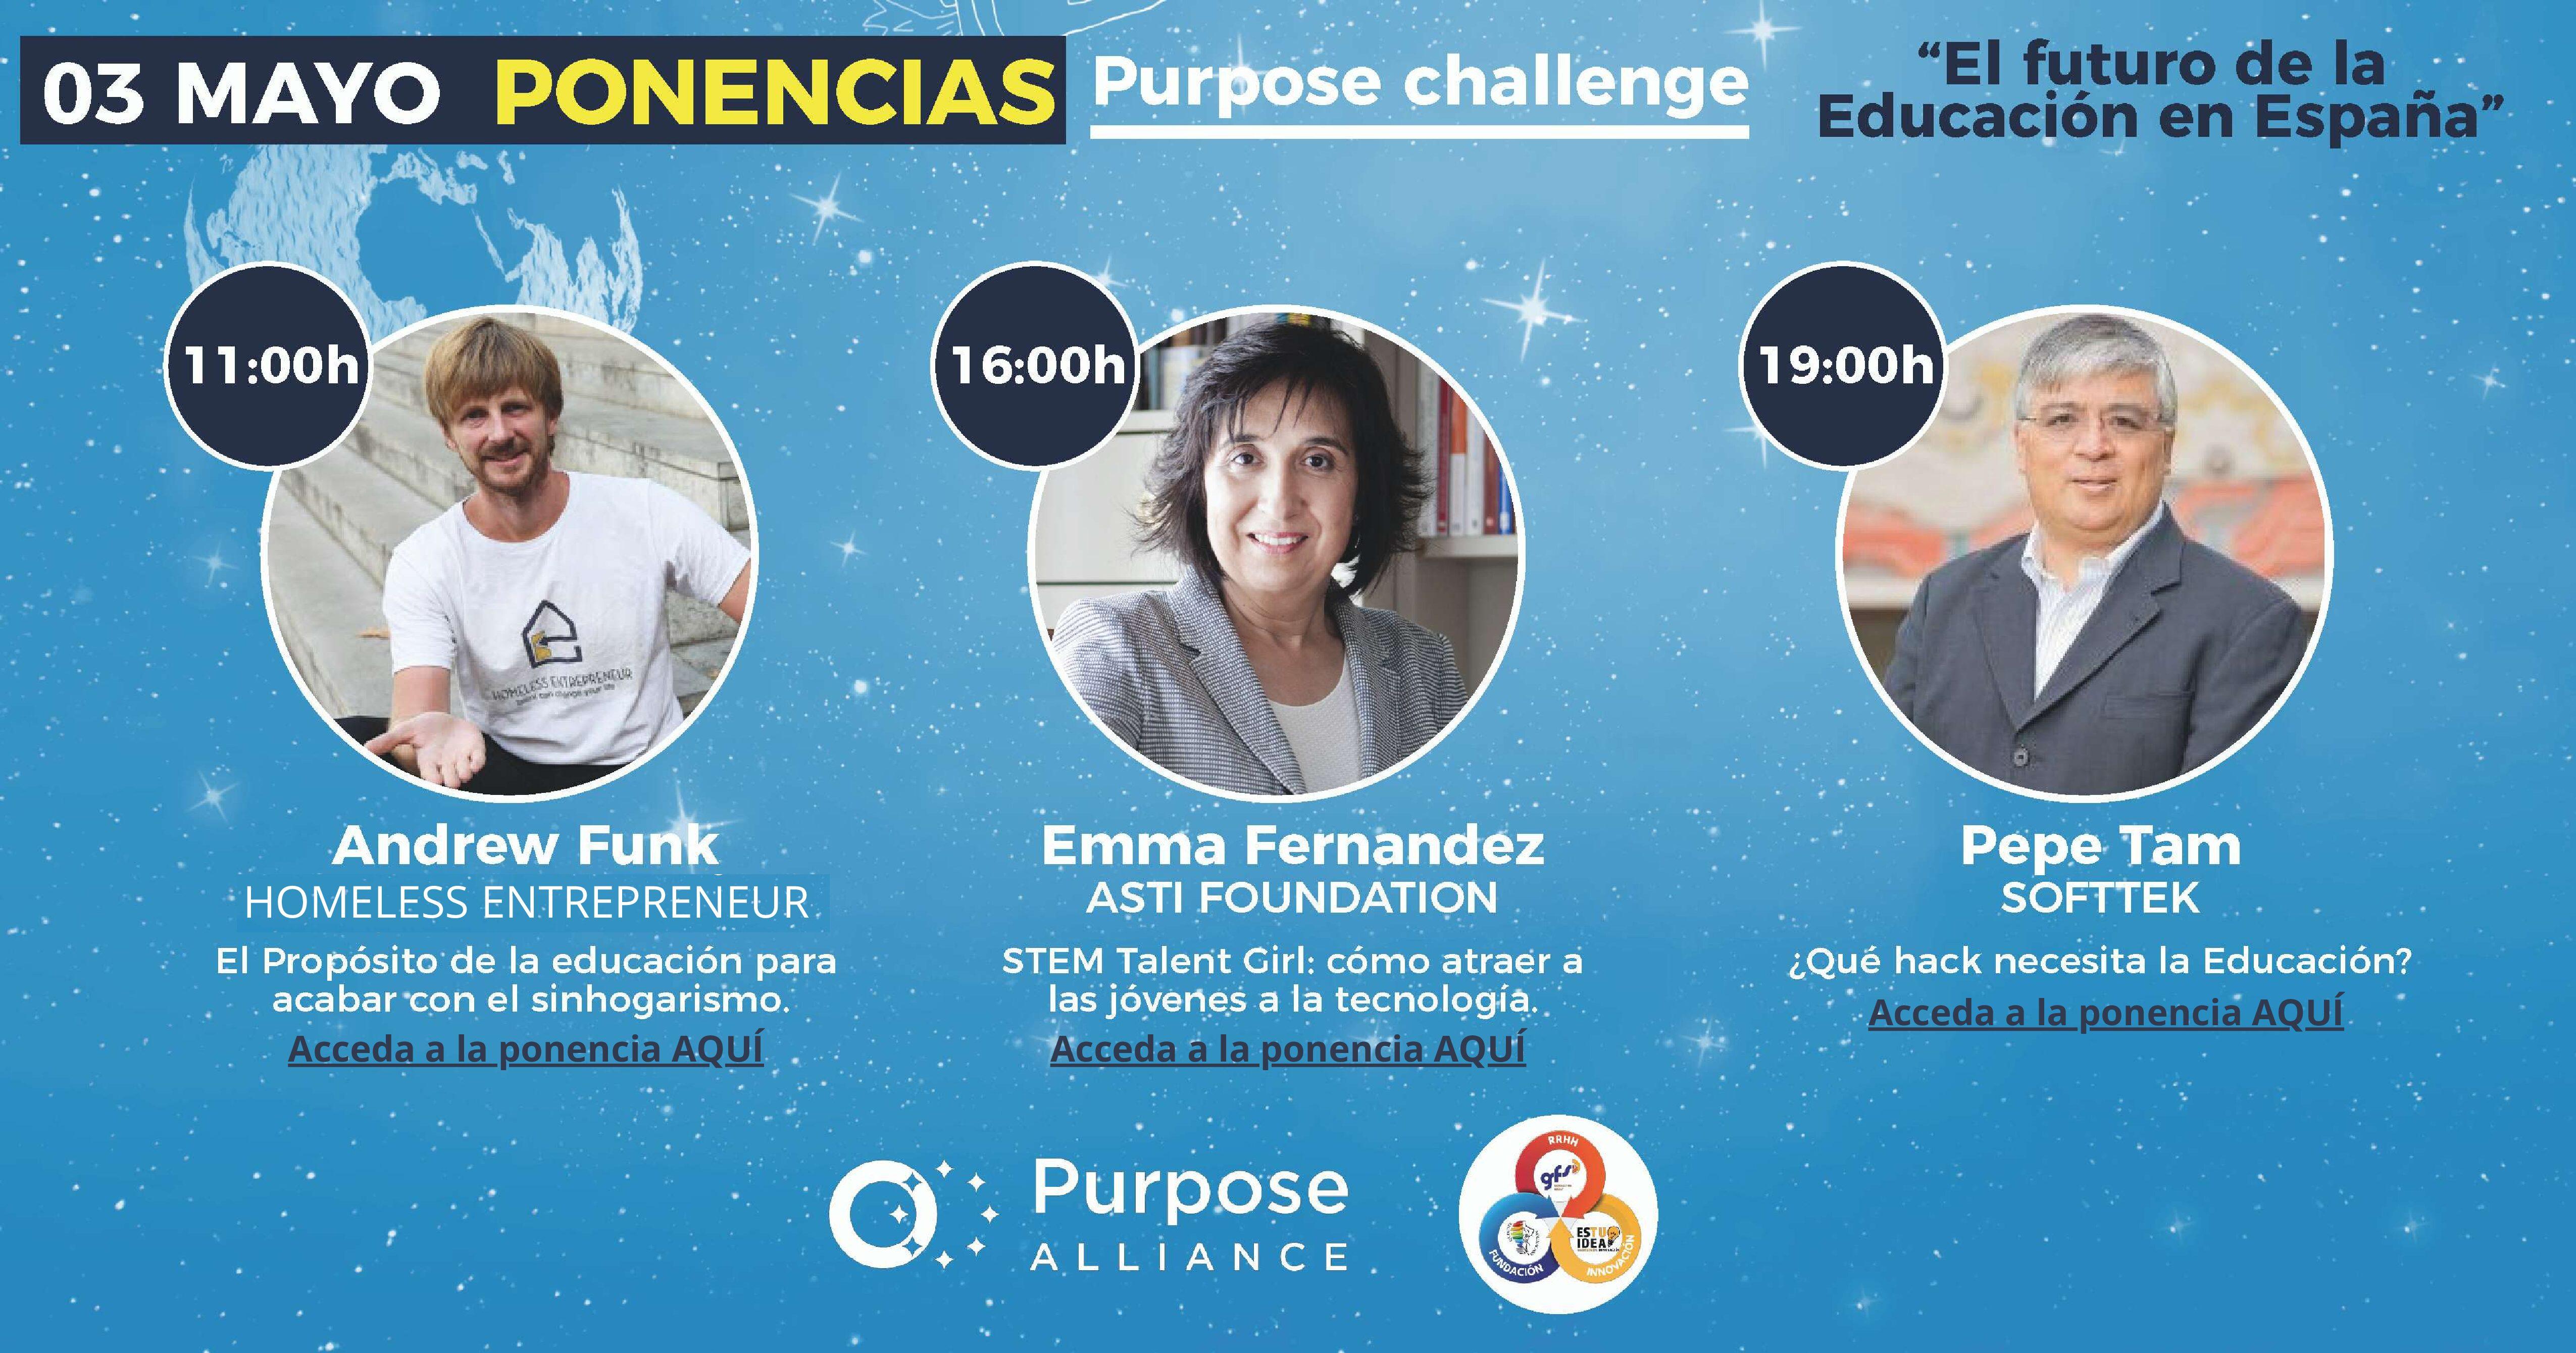 El Futuro de la Educación en España: una serie de ponencias online organizadas por Purpose Alliance